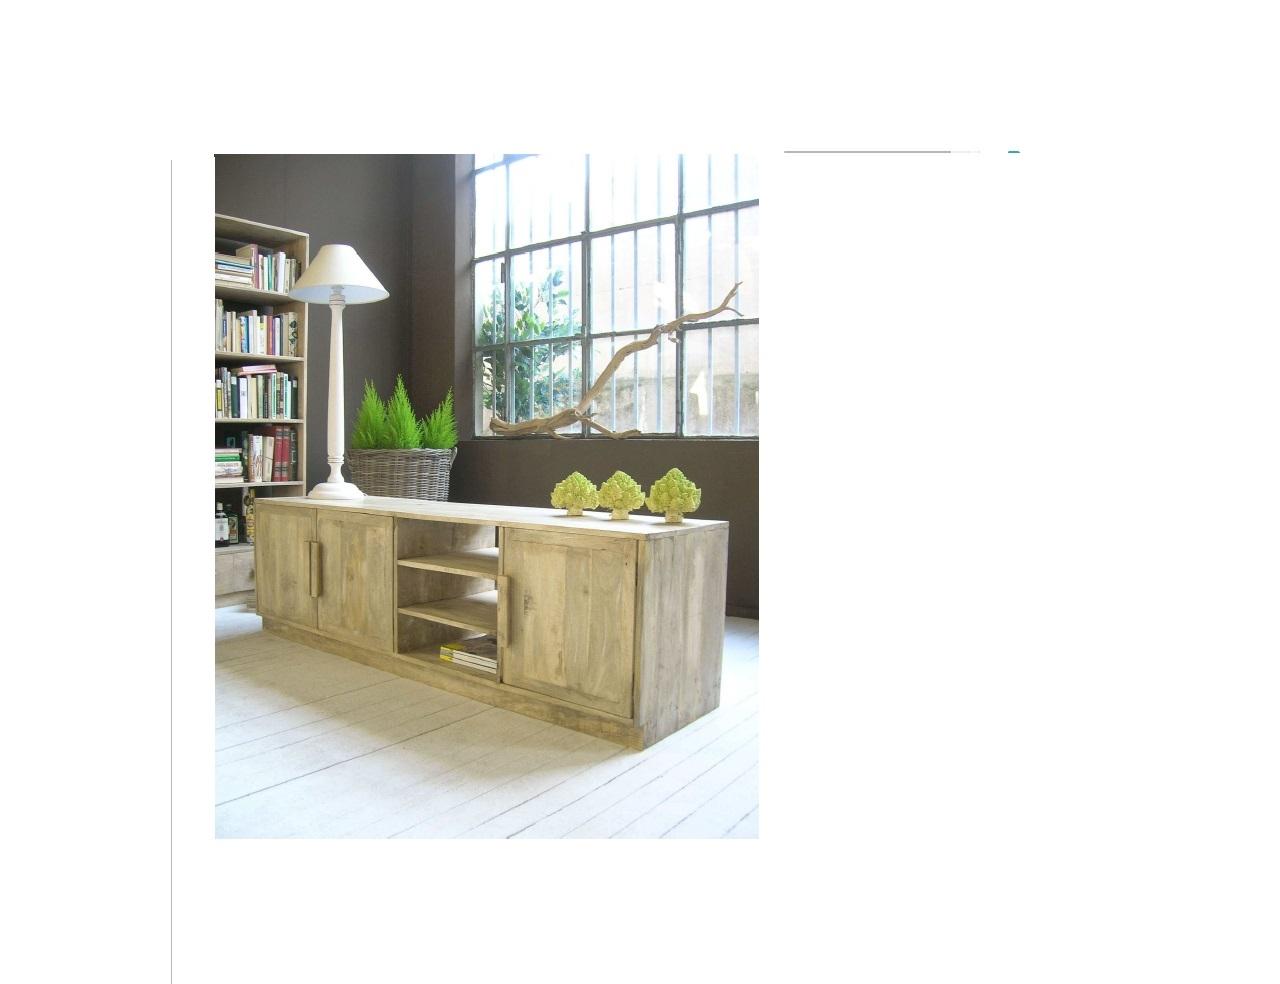 arredamento moderno naturale: arredamento in legno naturale di ... - Arredamento Moderno Naturale